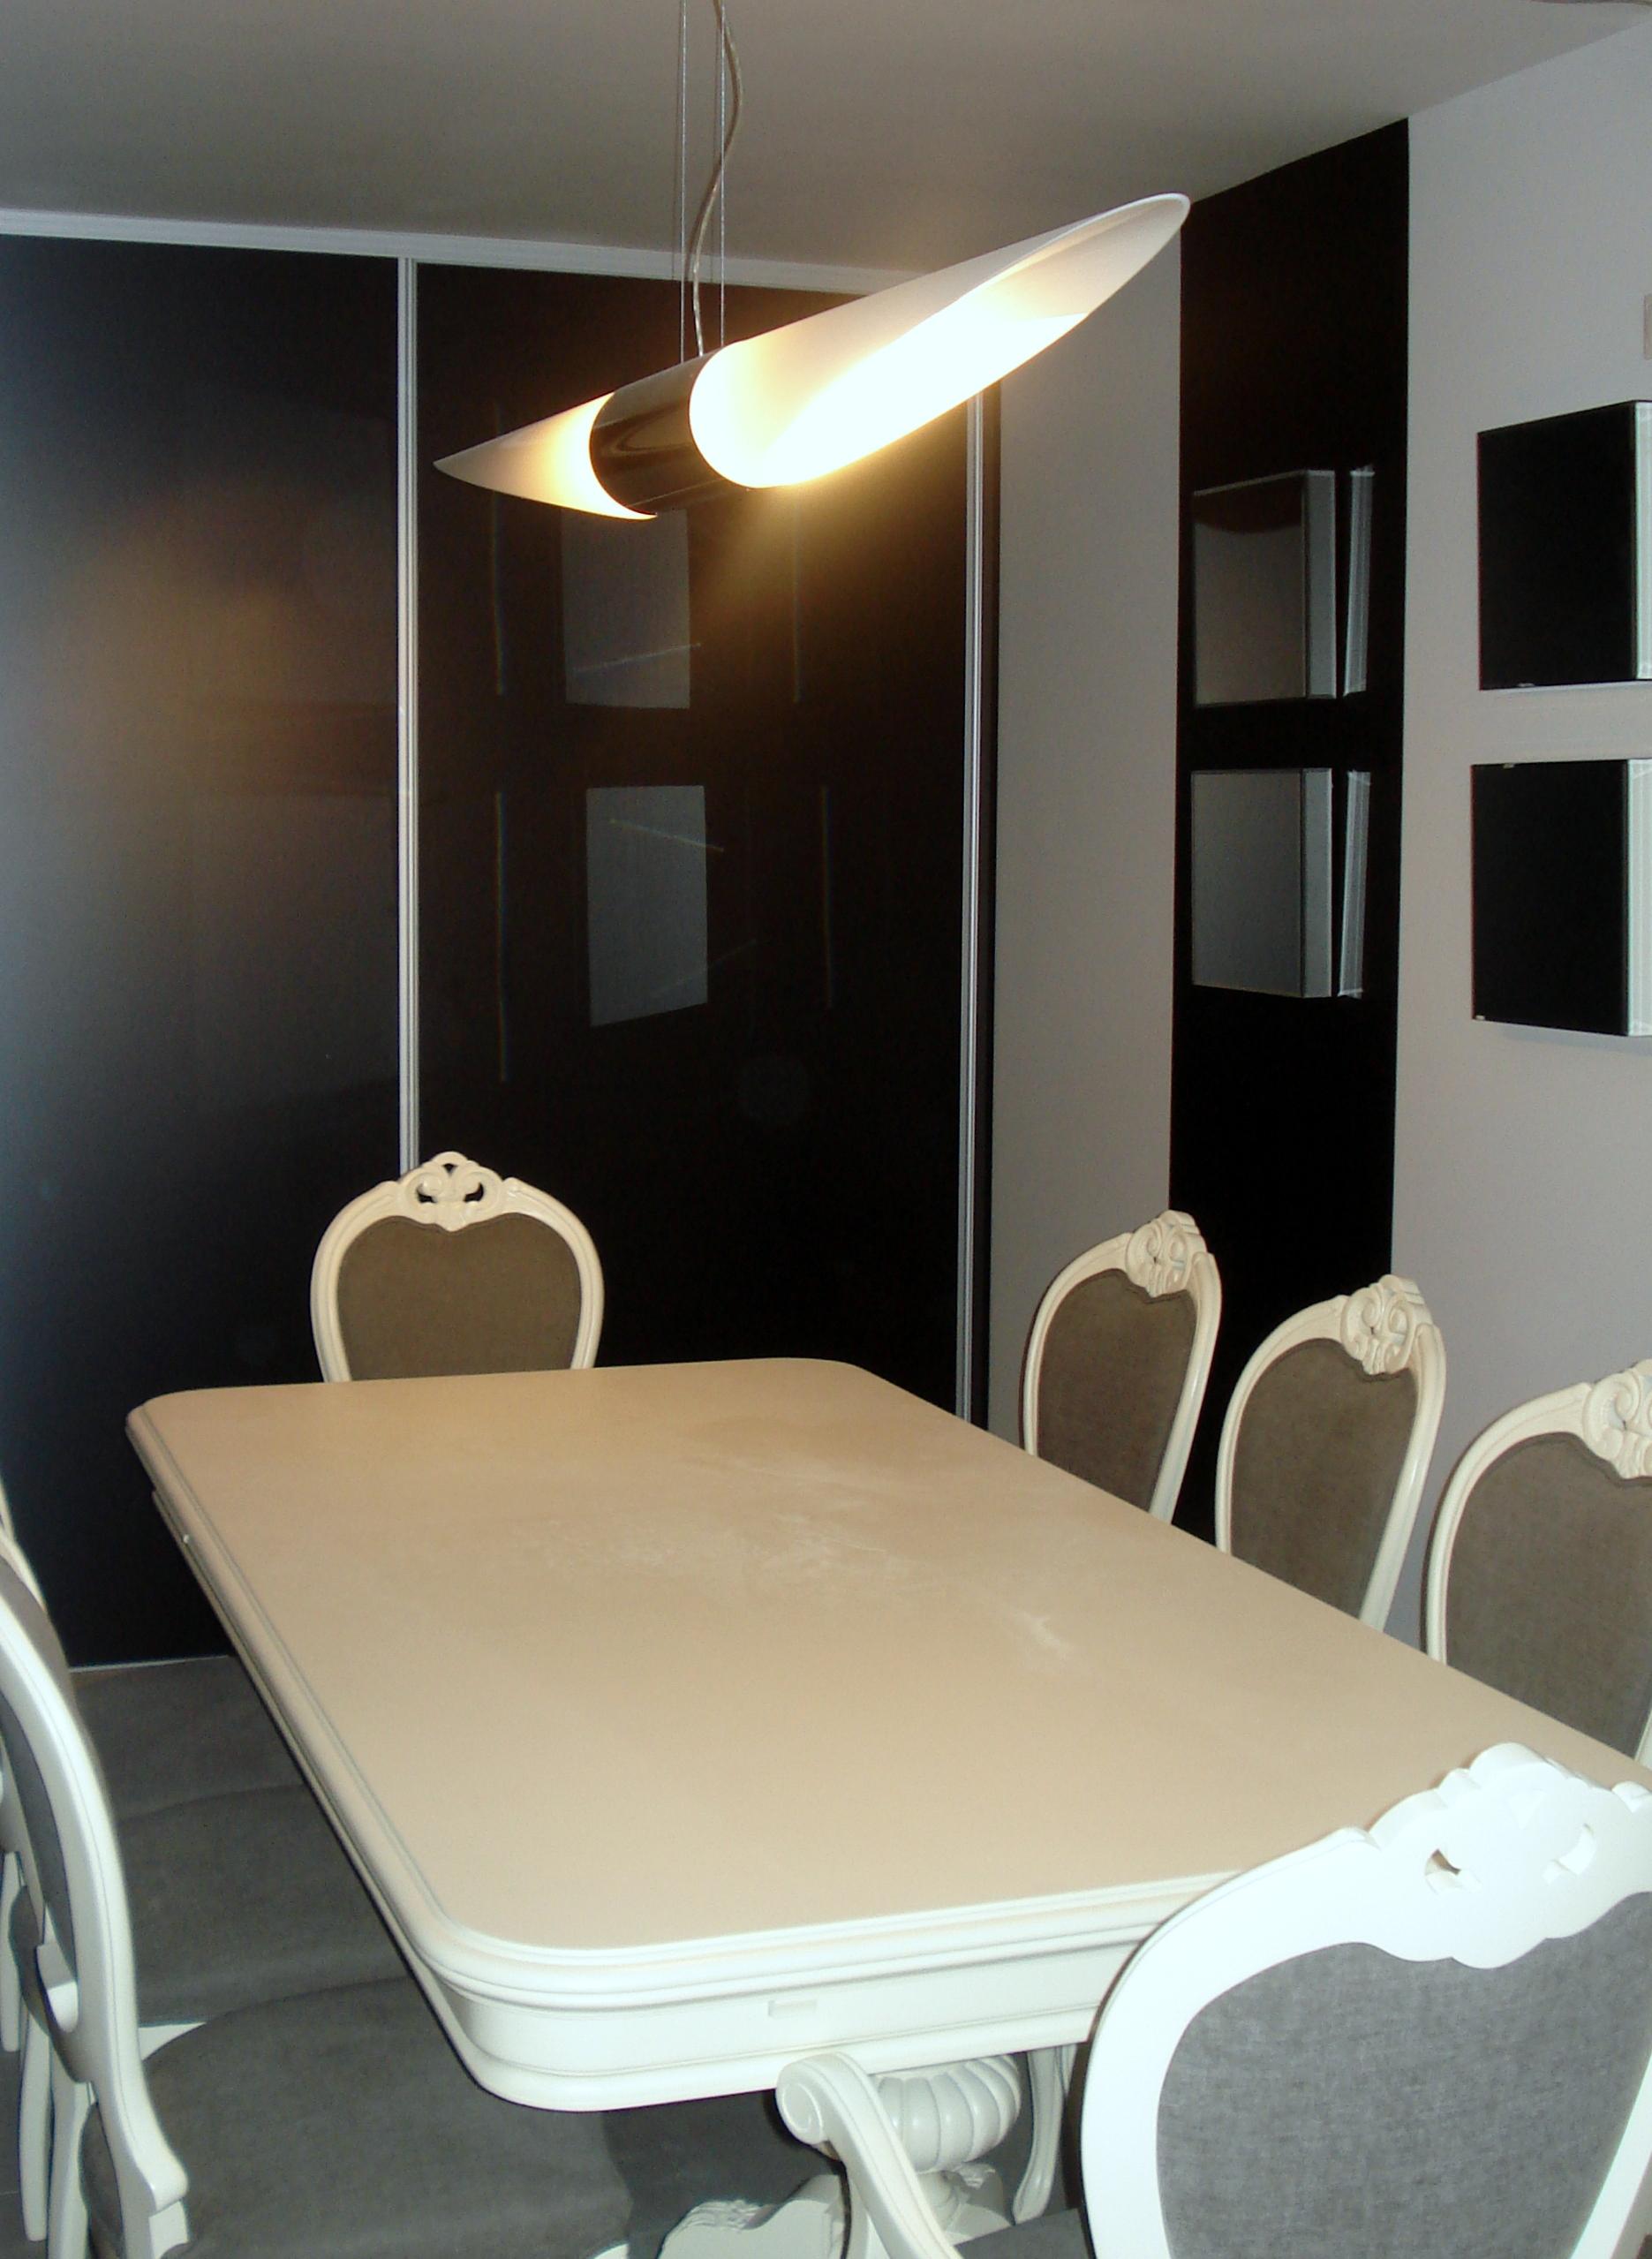 Amueblamiento Y Decoraci N L Agabe # Muebles Muchamiel Alicante